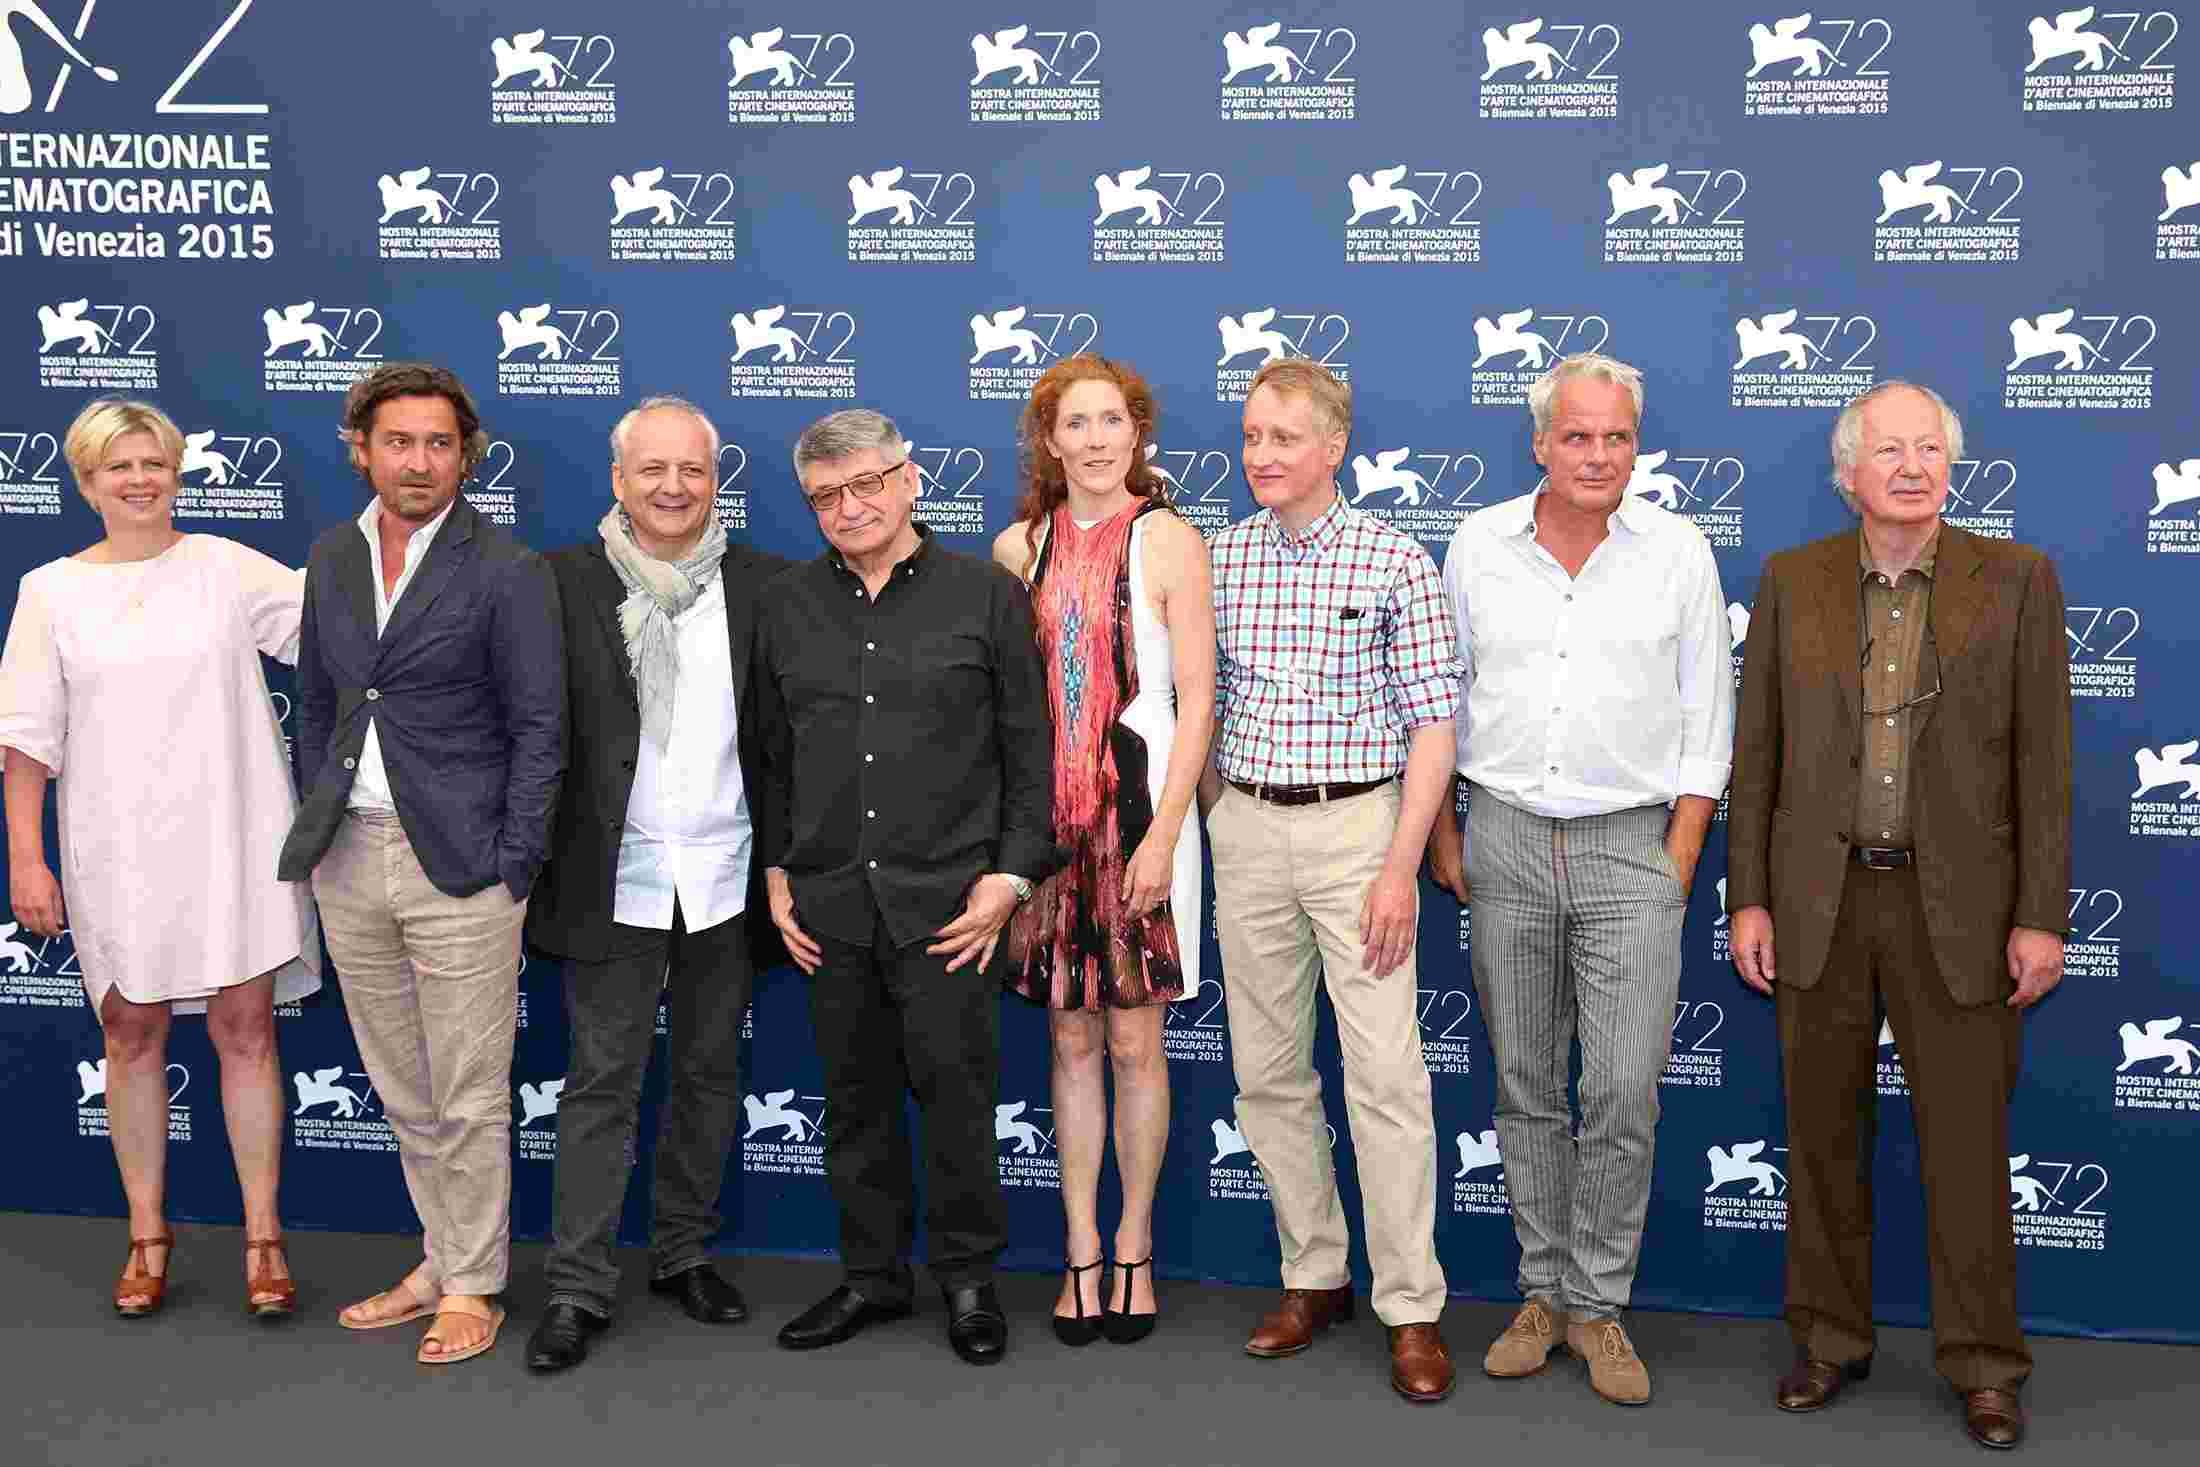 (锐视角)《德军亮相的卢浮宫》v视角占领威尼斯电影节印度电影歌舞大篷车图片